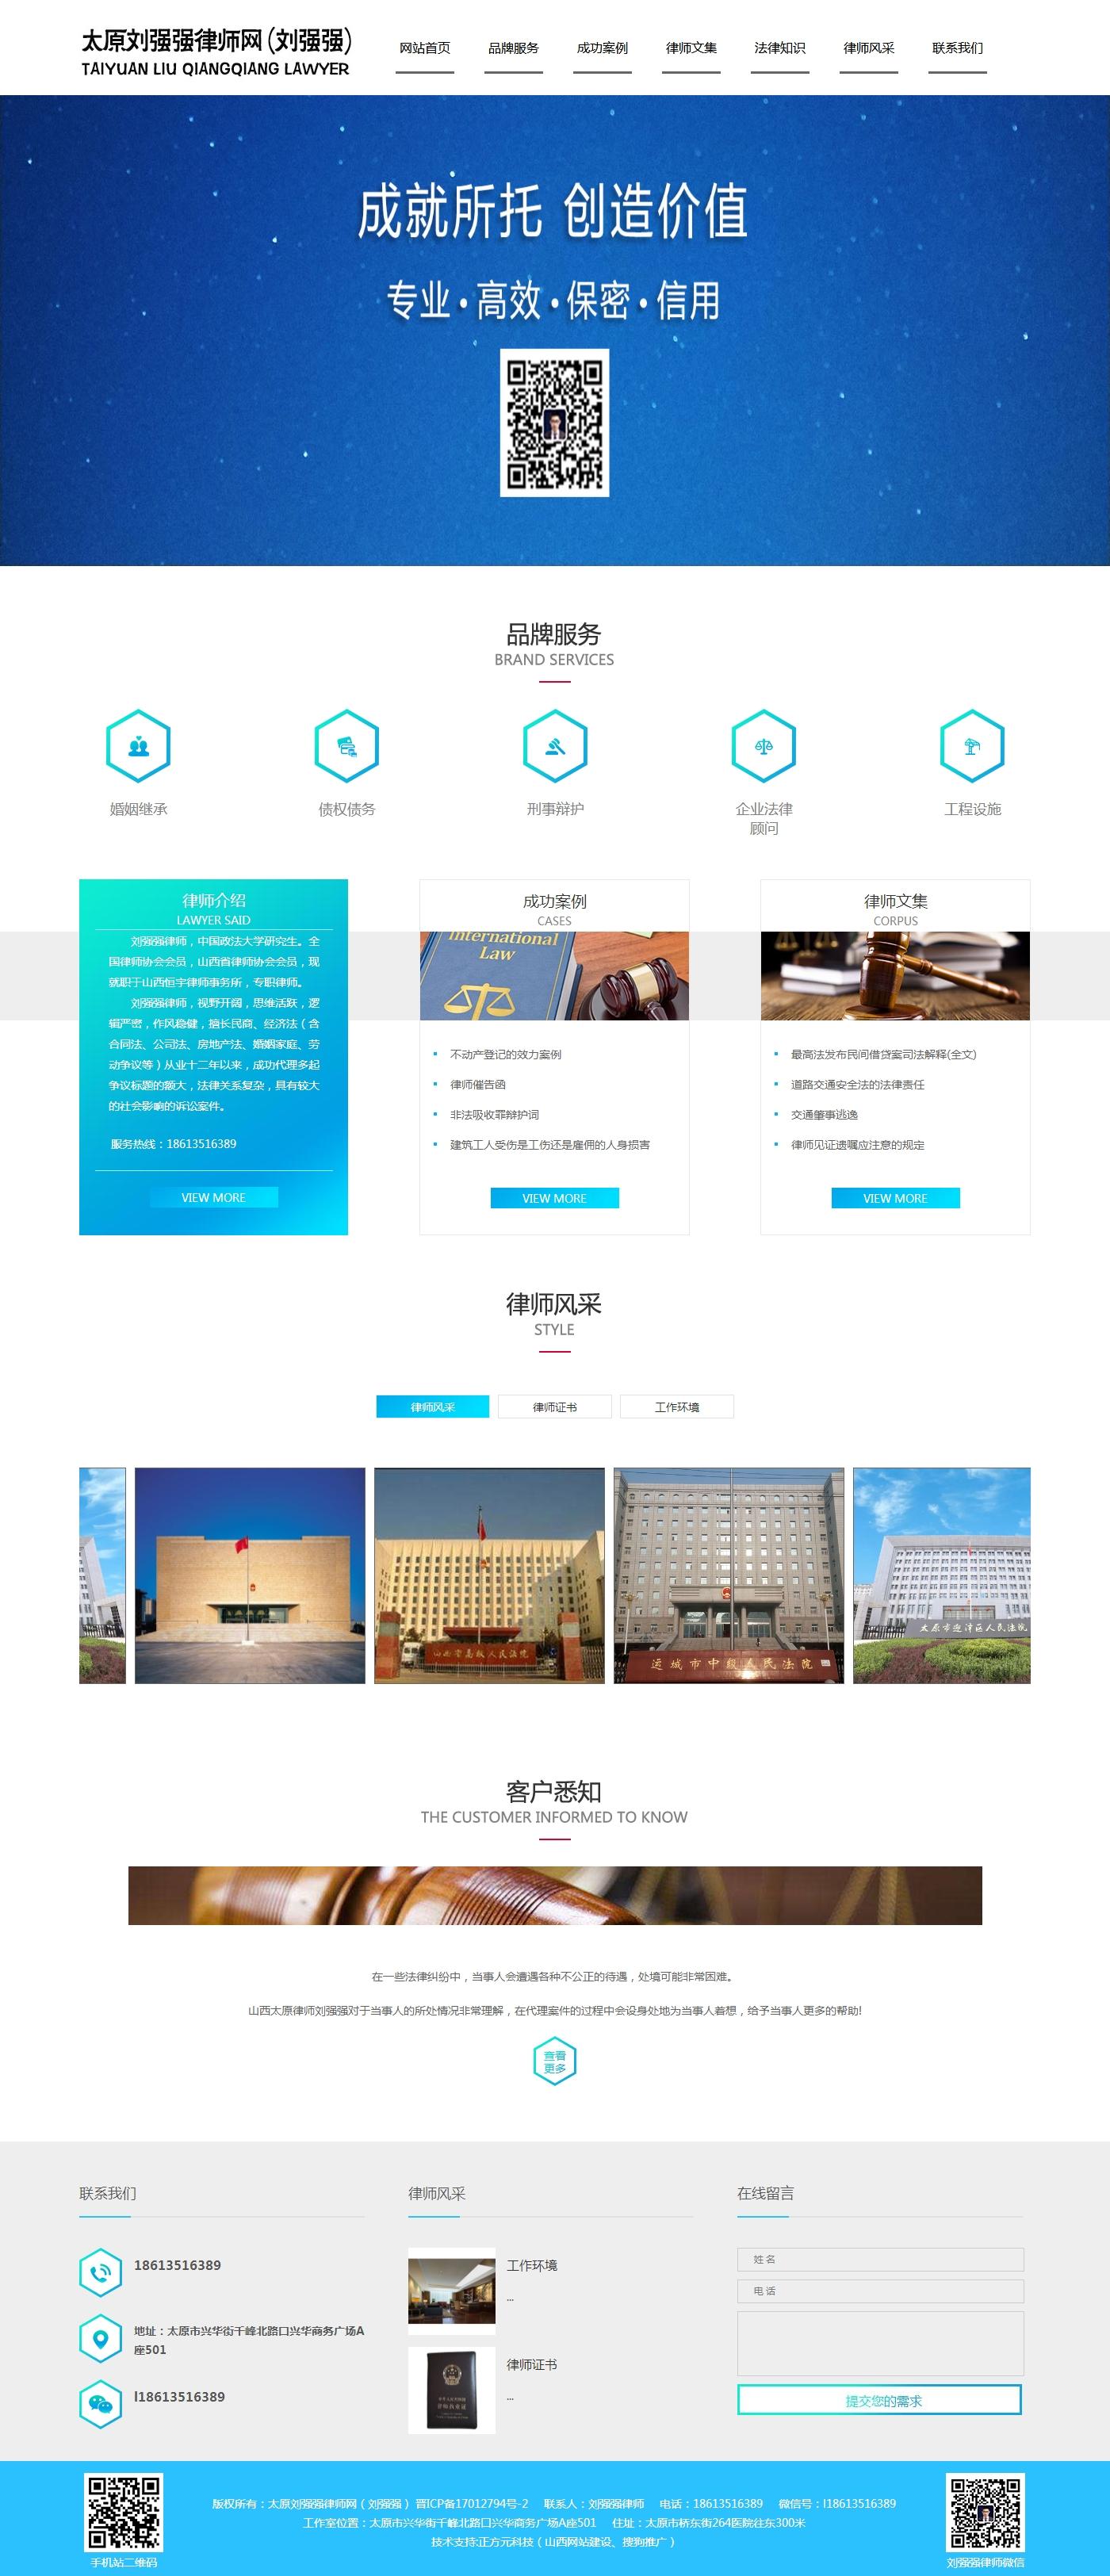 易胜博ysb248网址-太原刘强强律师网